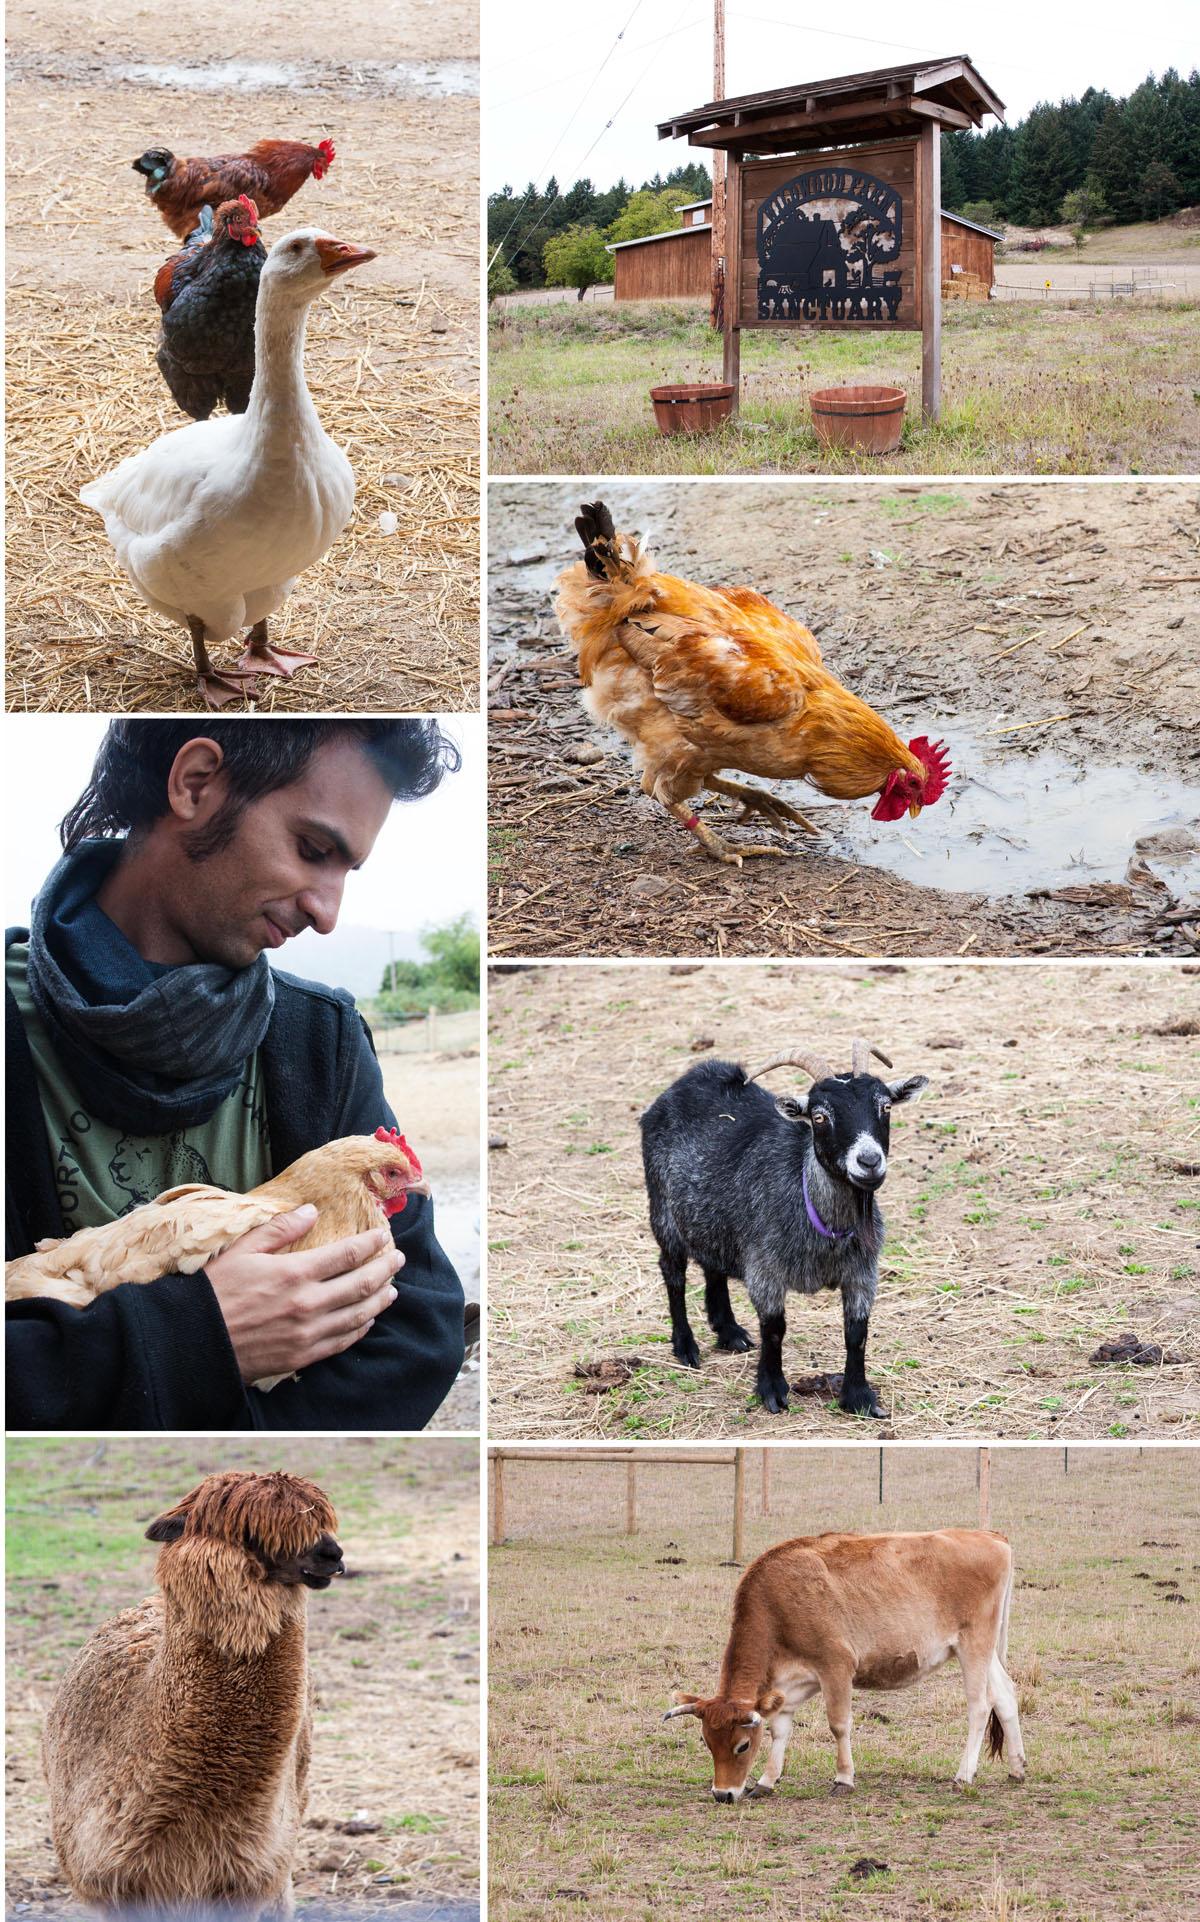 בעלי חיים חופשיים בחוות המקלט של שינה. מרגש